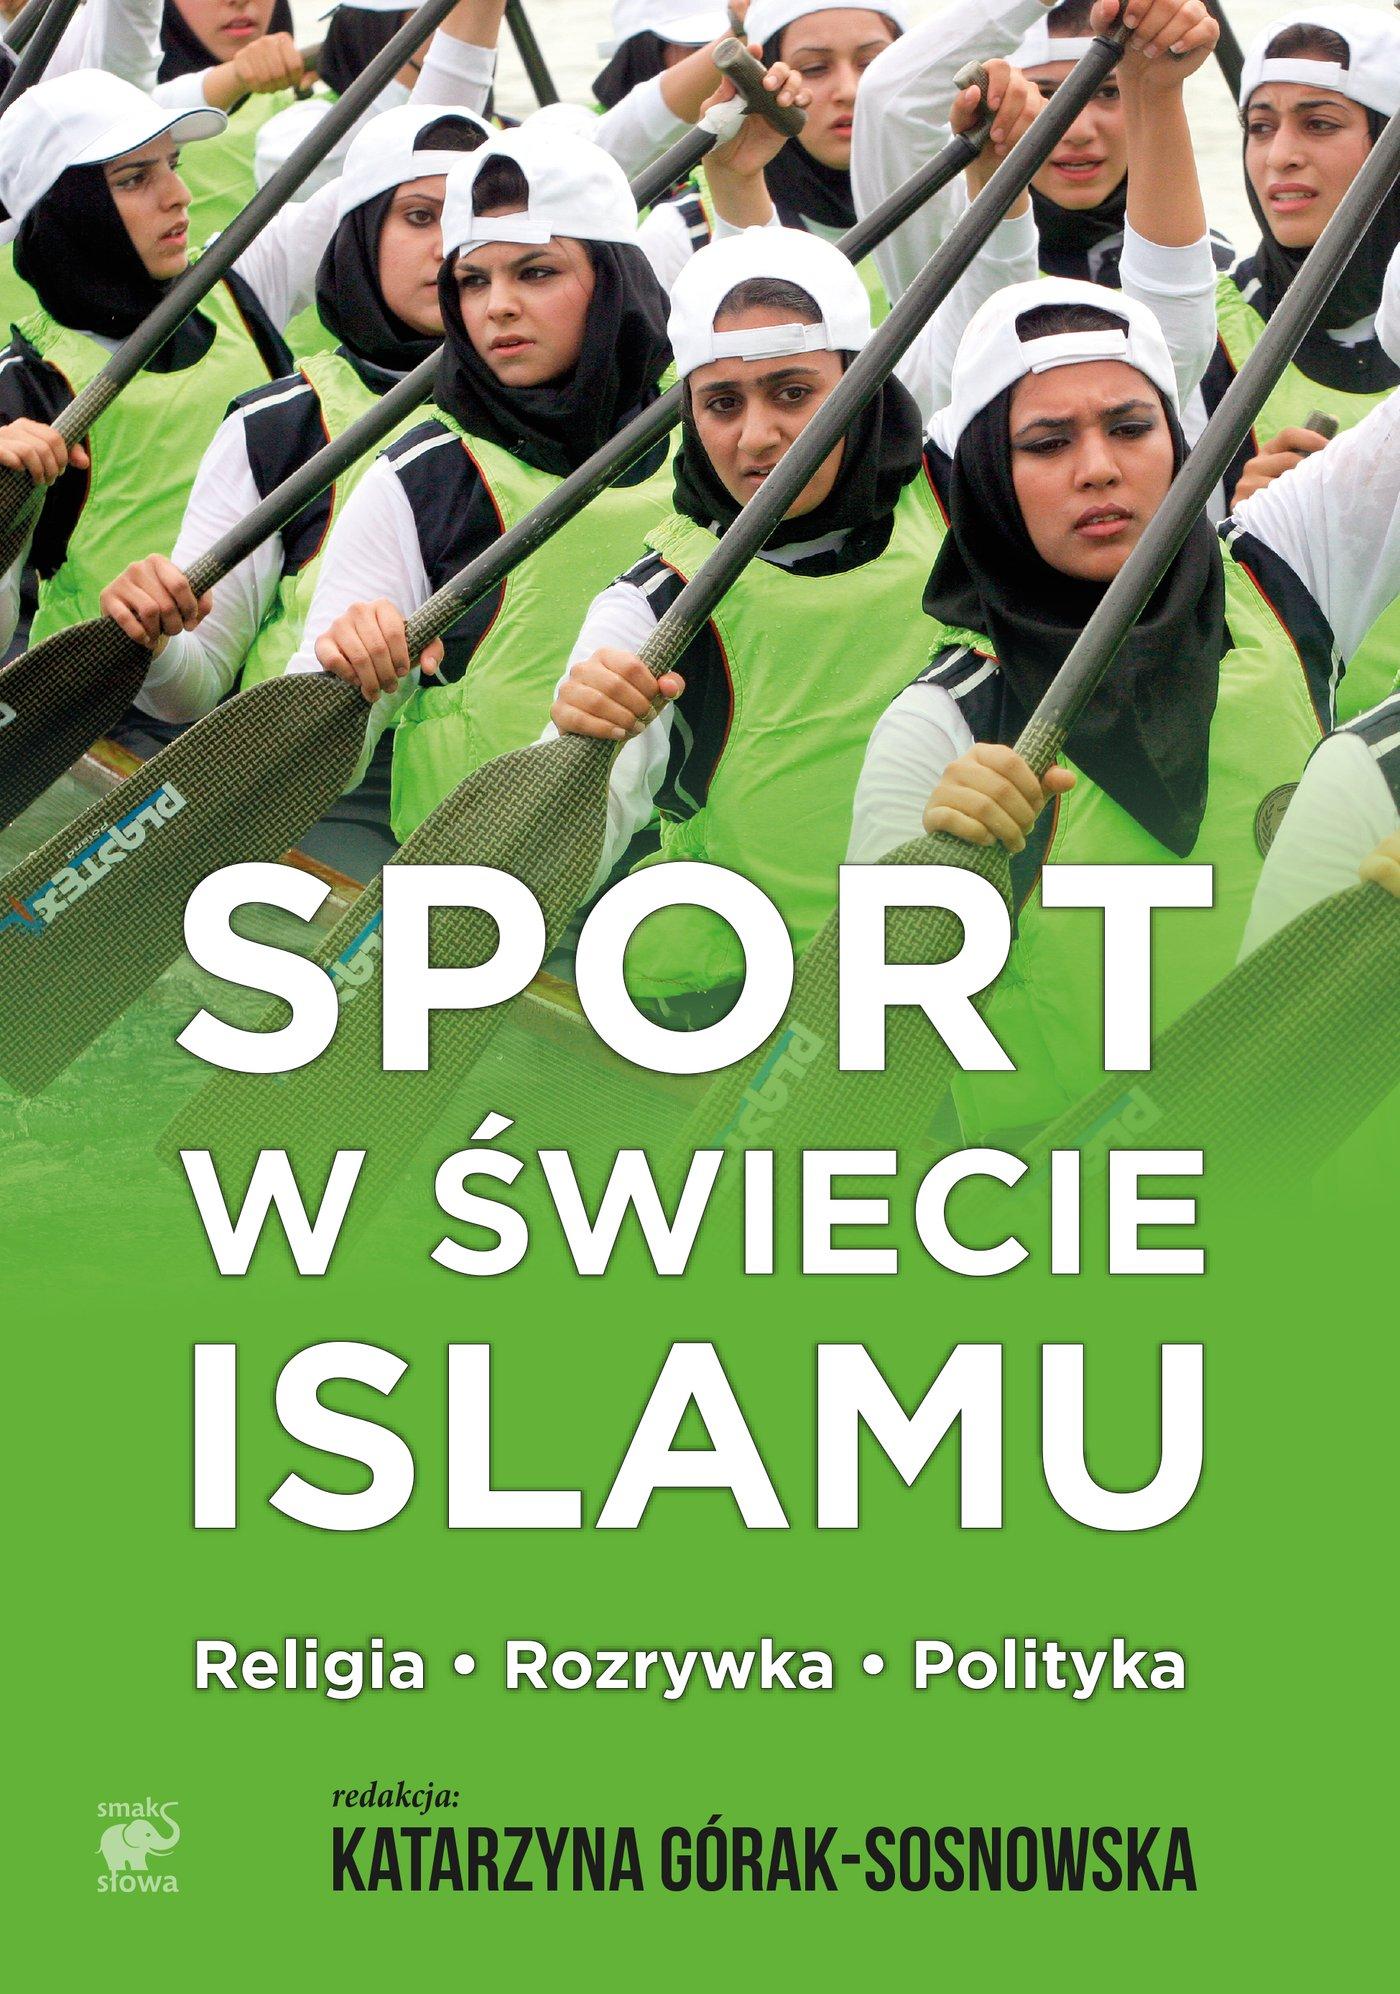 Sport w świecie islamu - Ebook (Książka na Kindle) do pobrania w formacie MOBI